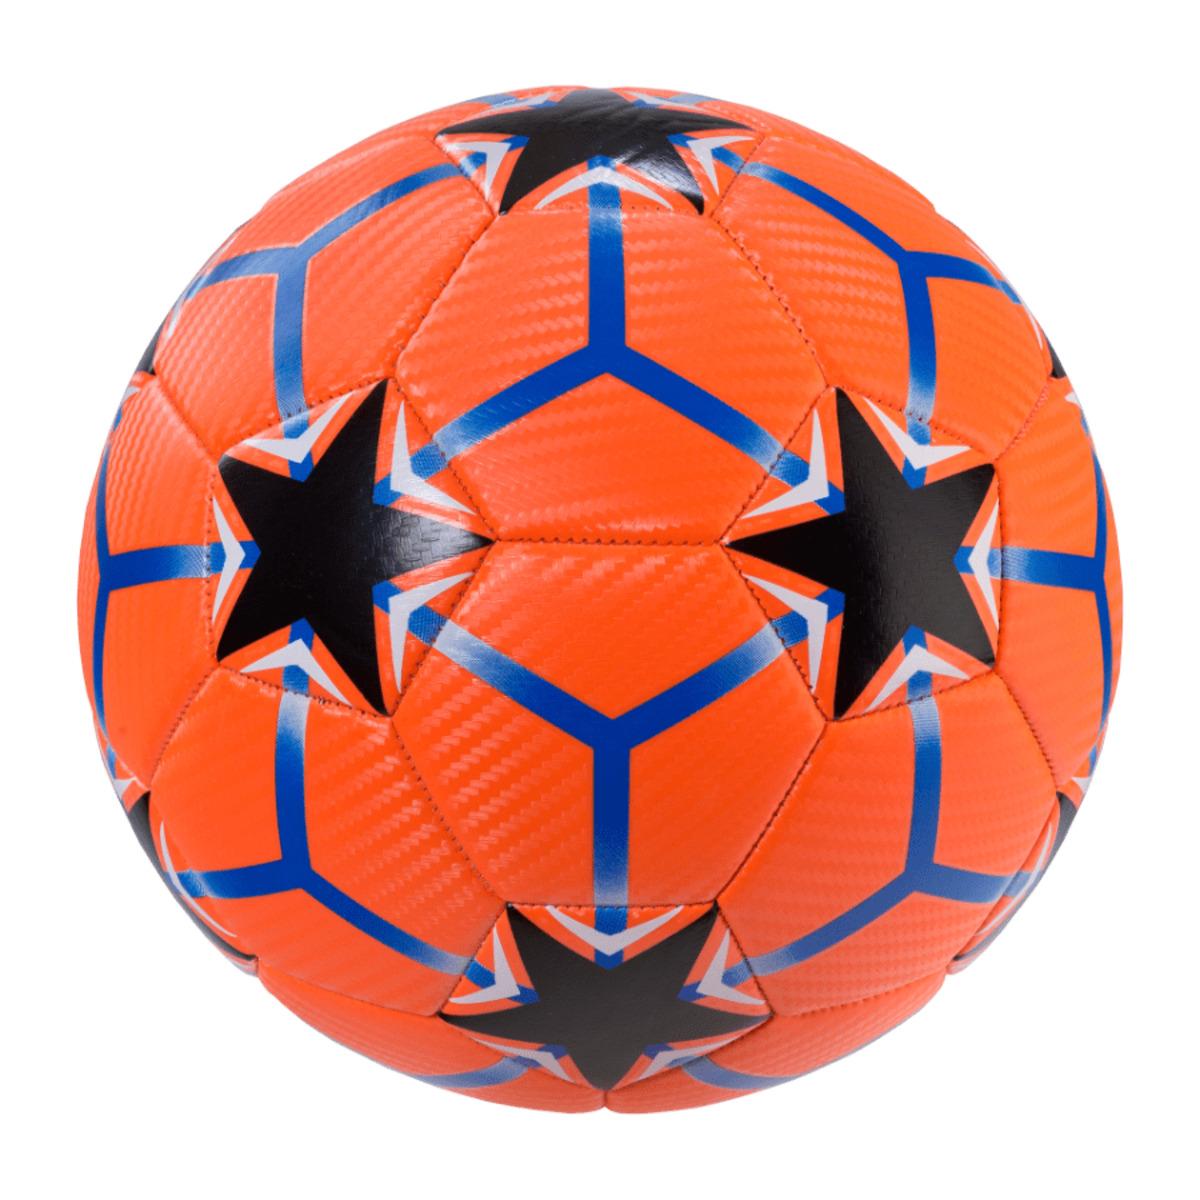 Bild 2 von ACTIVE TOUCH     Fußball